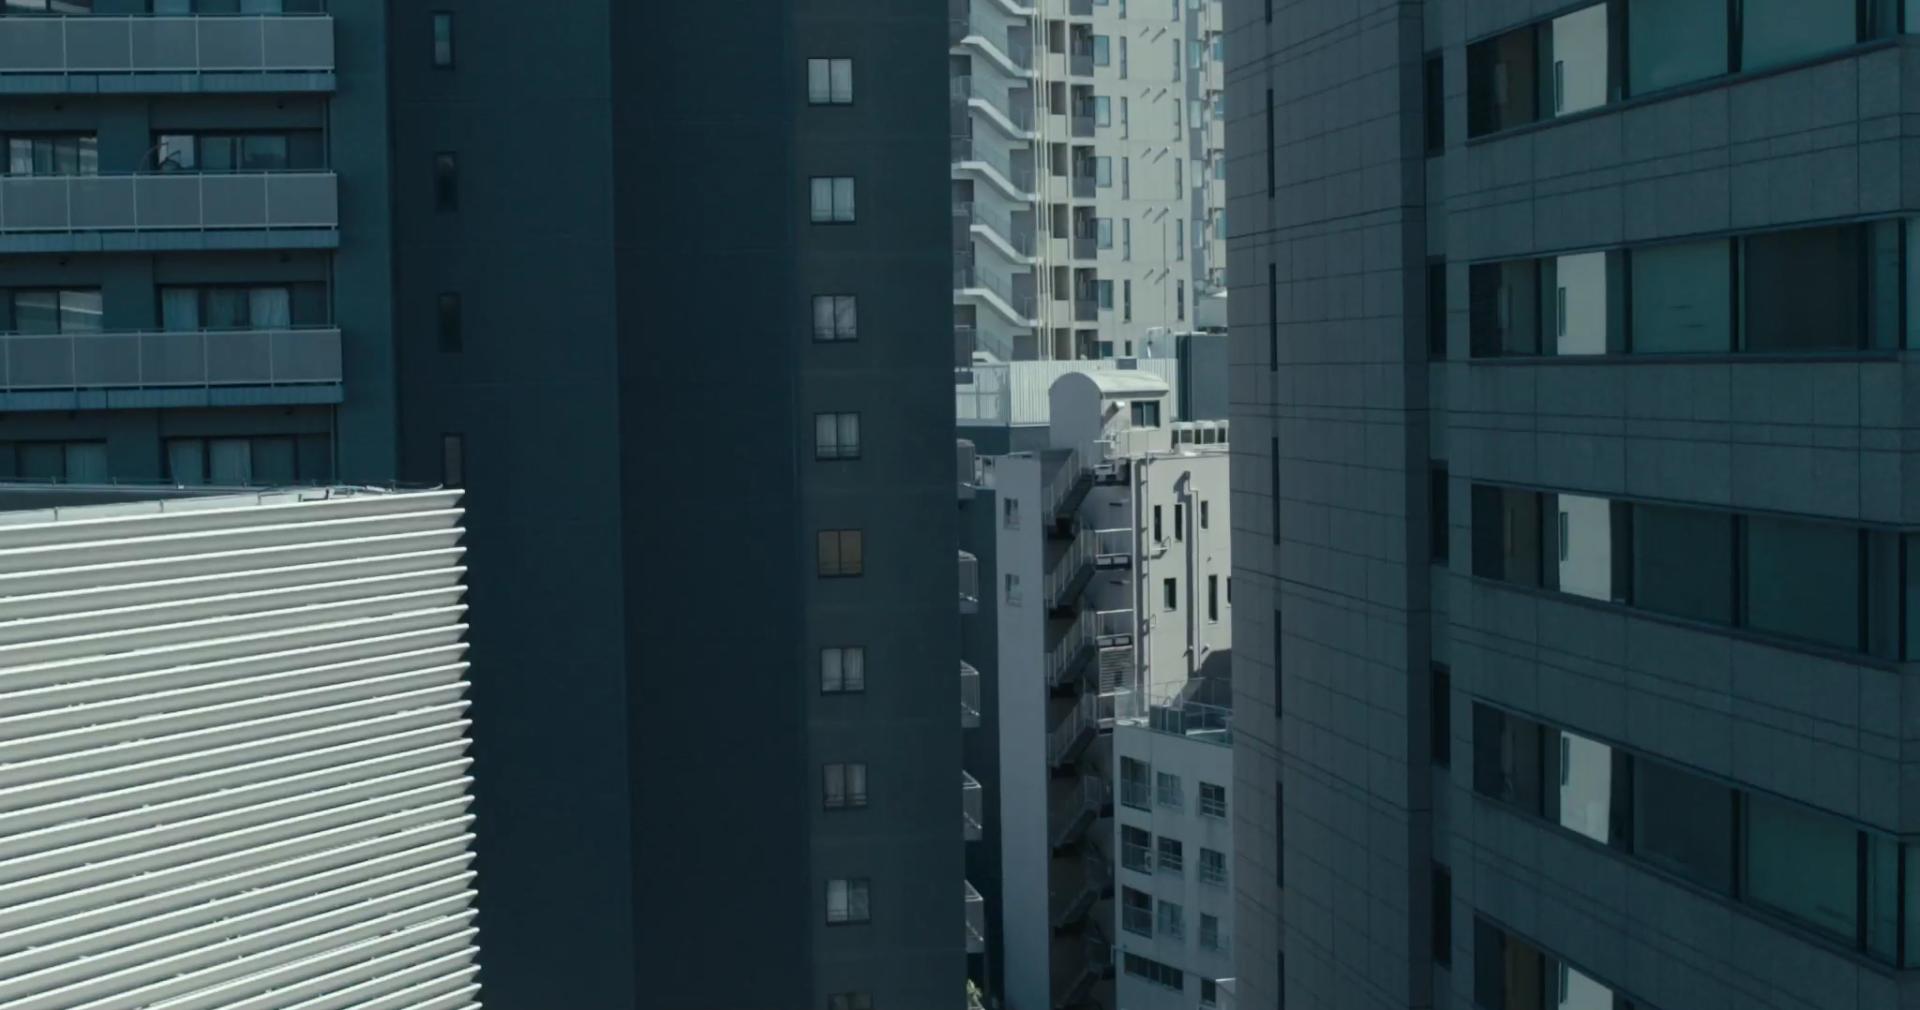 Ansicht von Hochhäusern in Tokyo